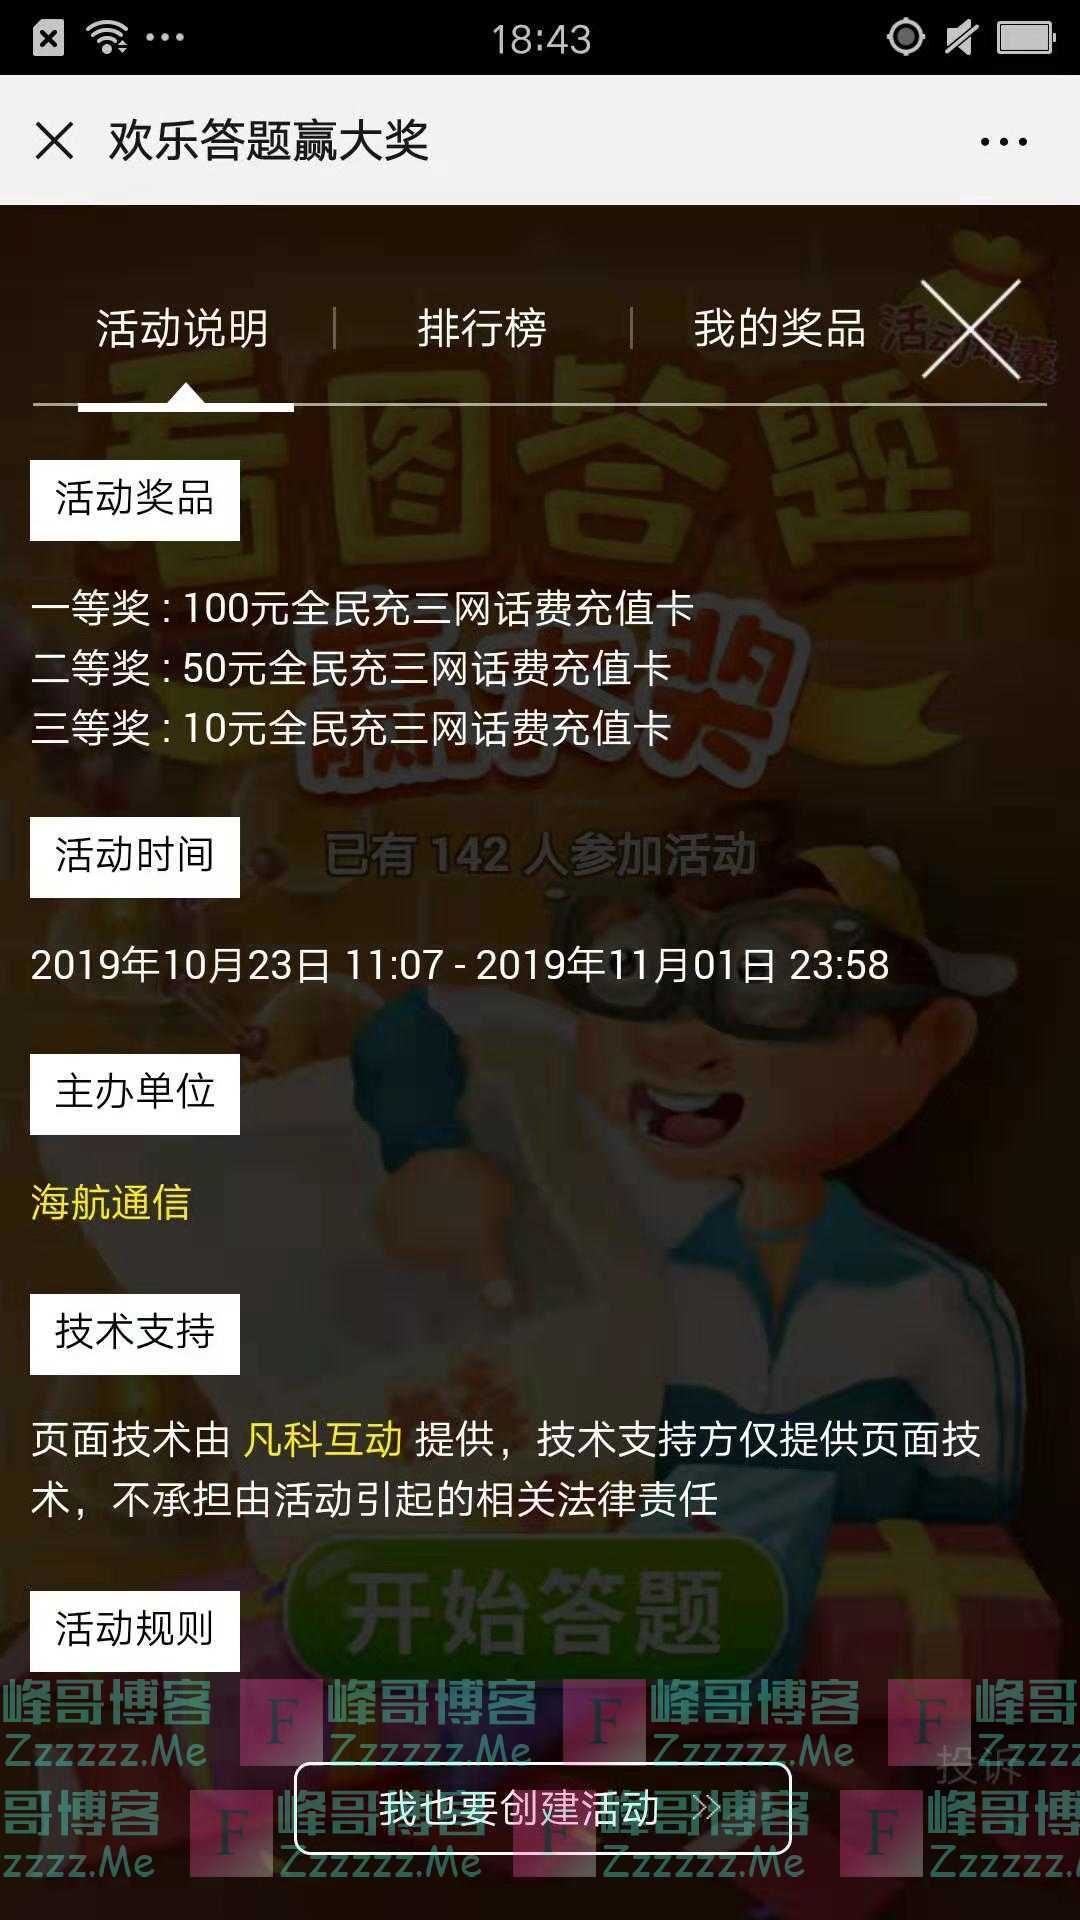 海航通信话费宝答题领奖(截止11月1日)